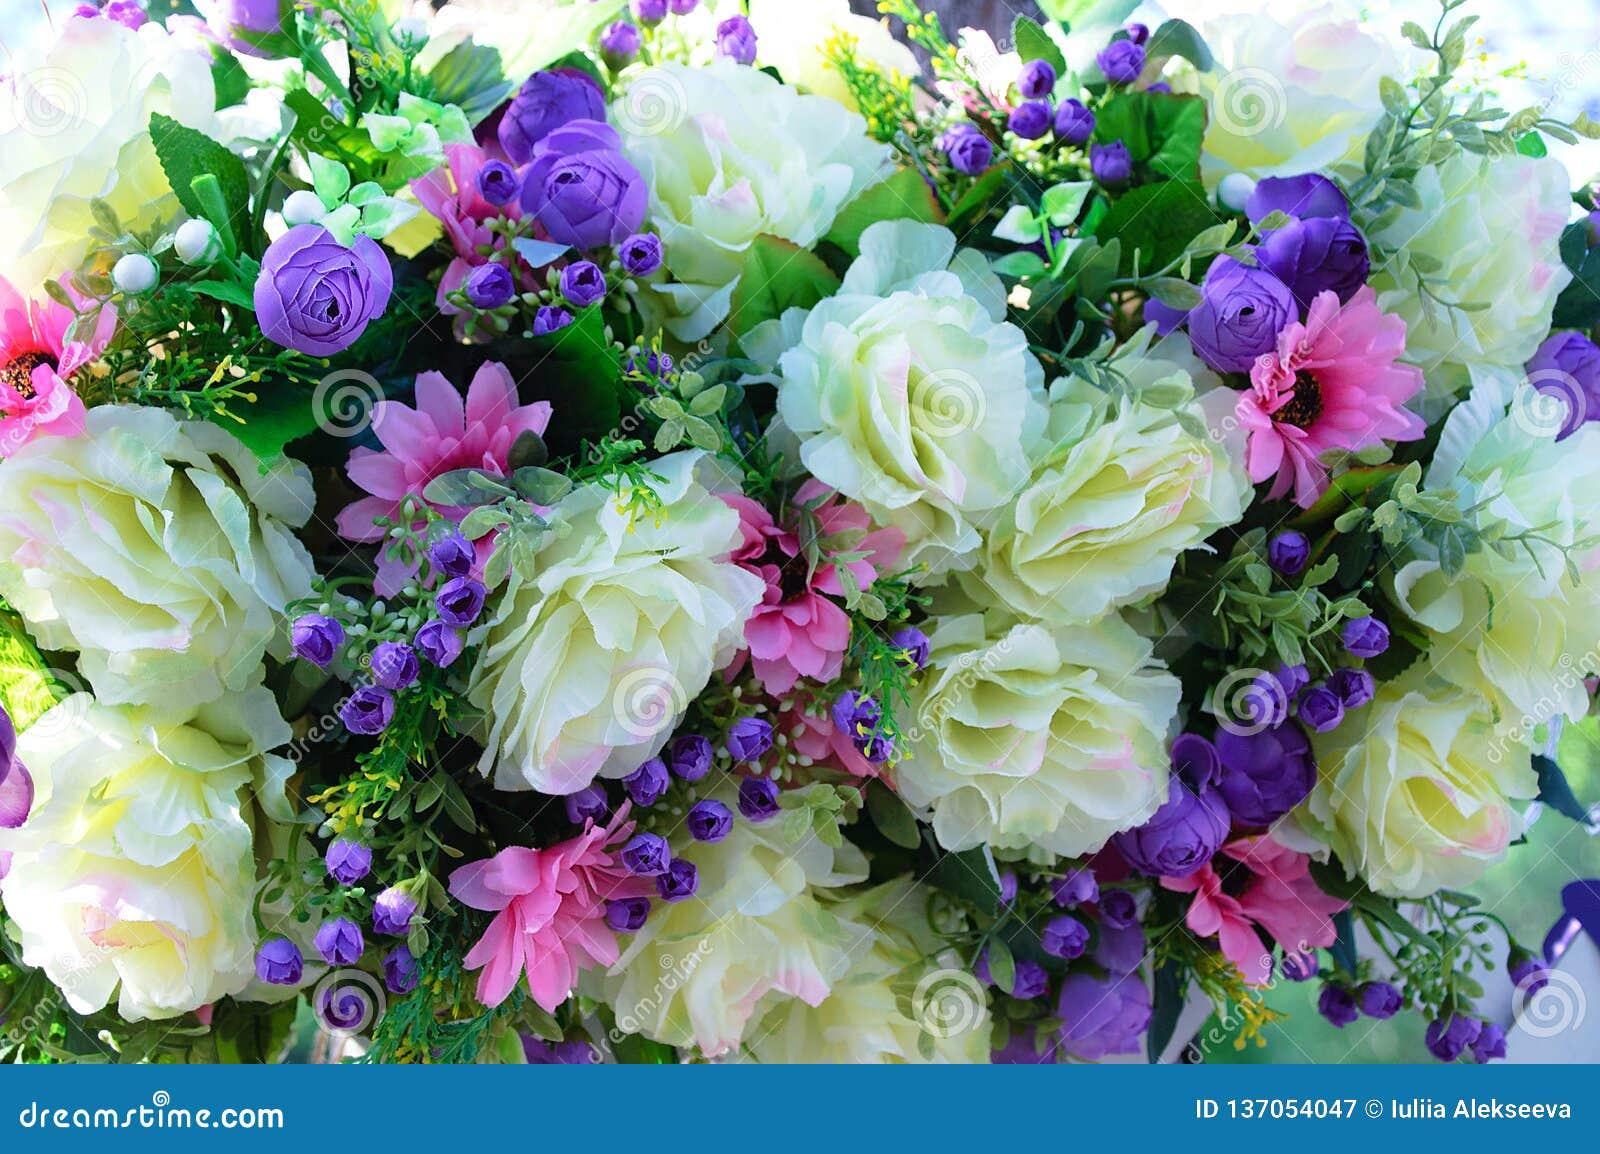 Flores de la composición de rosas beige grandes, de pequeñas rosas púrpuras y de asteres rosados